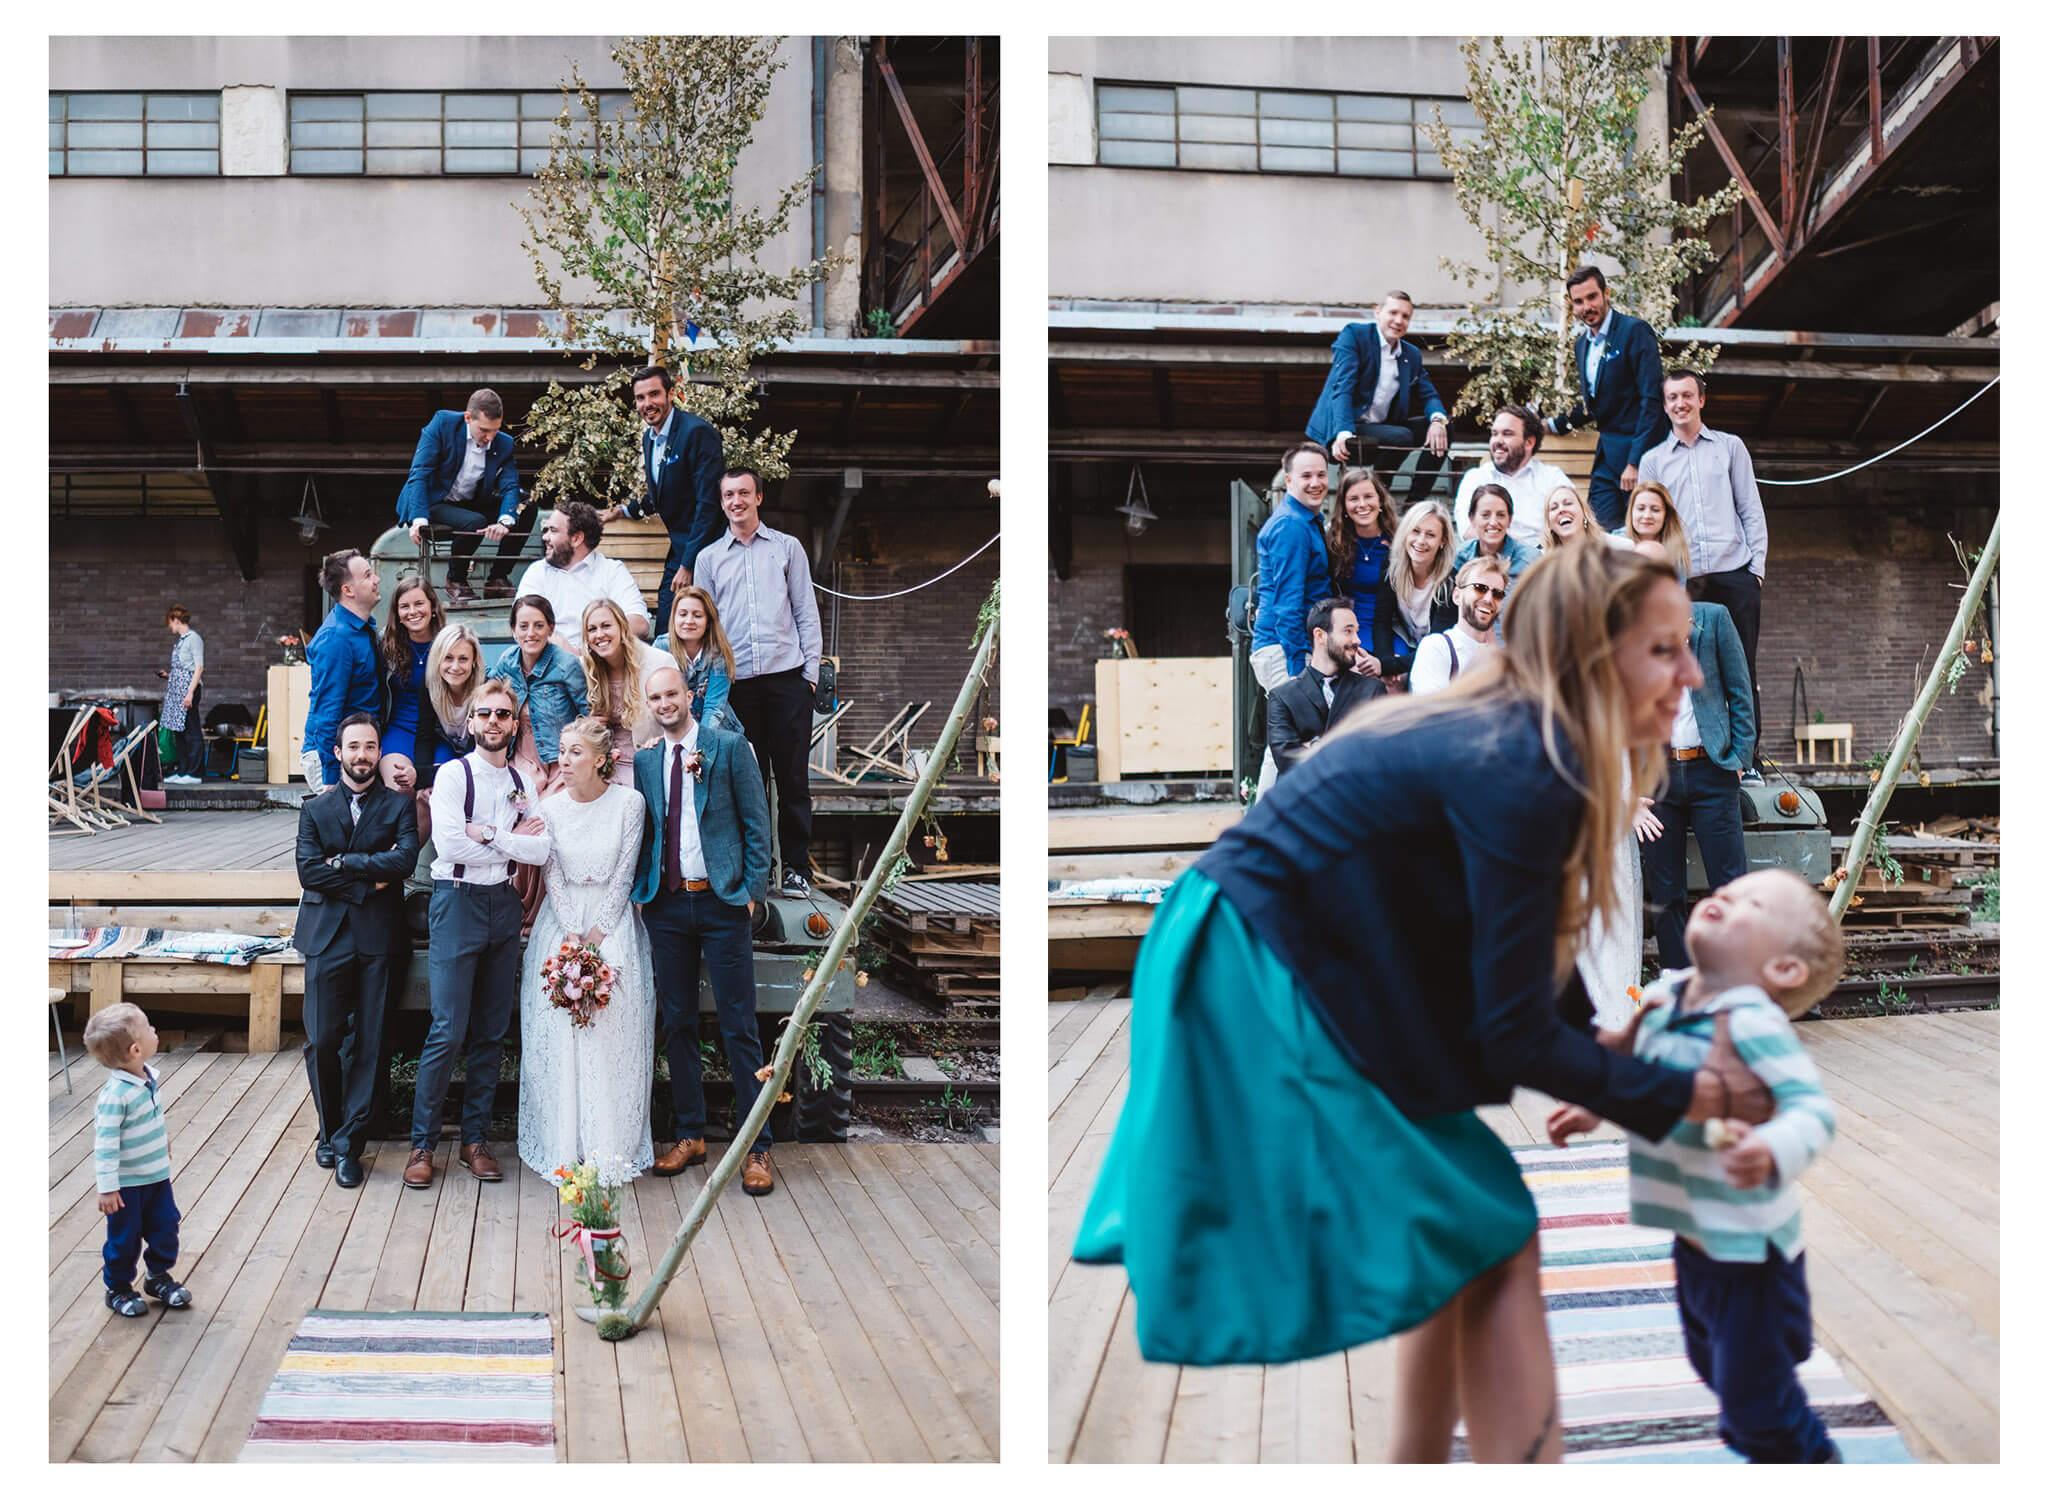 svatba na nákladovém nádraží žižkov Vojtěch Láznička